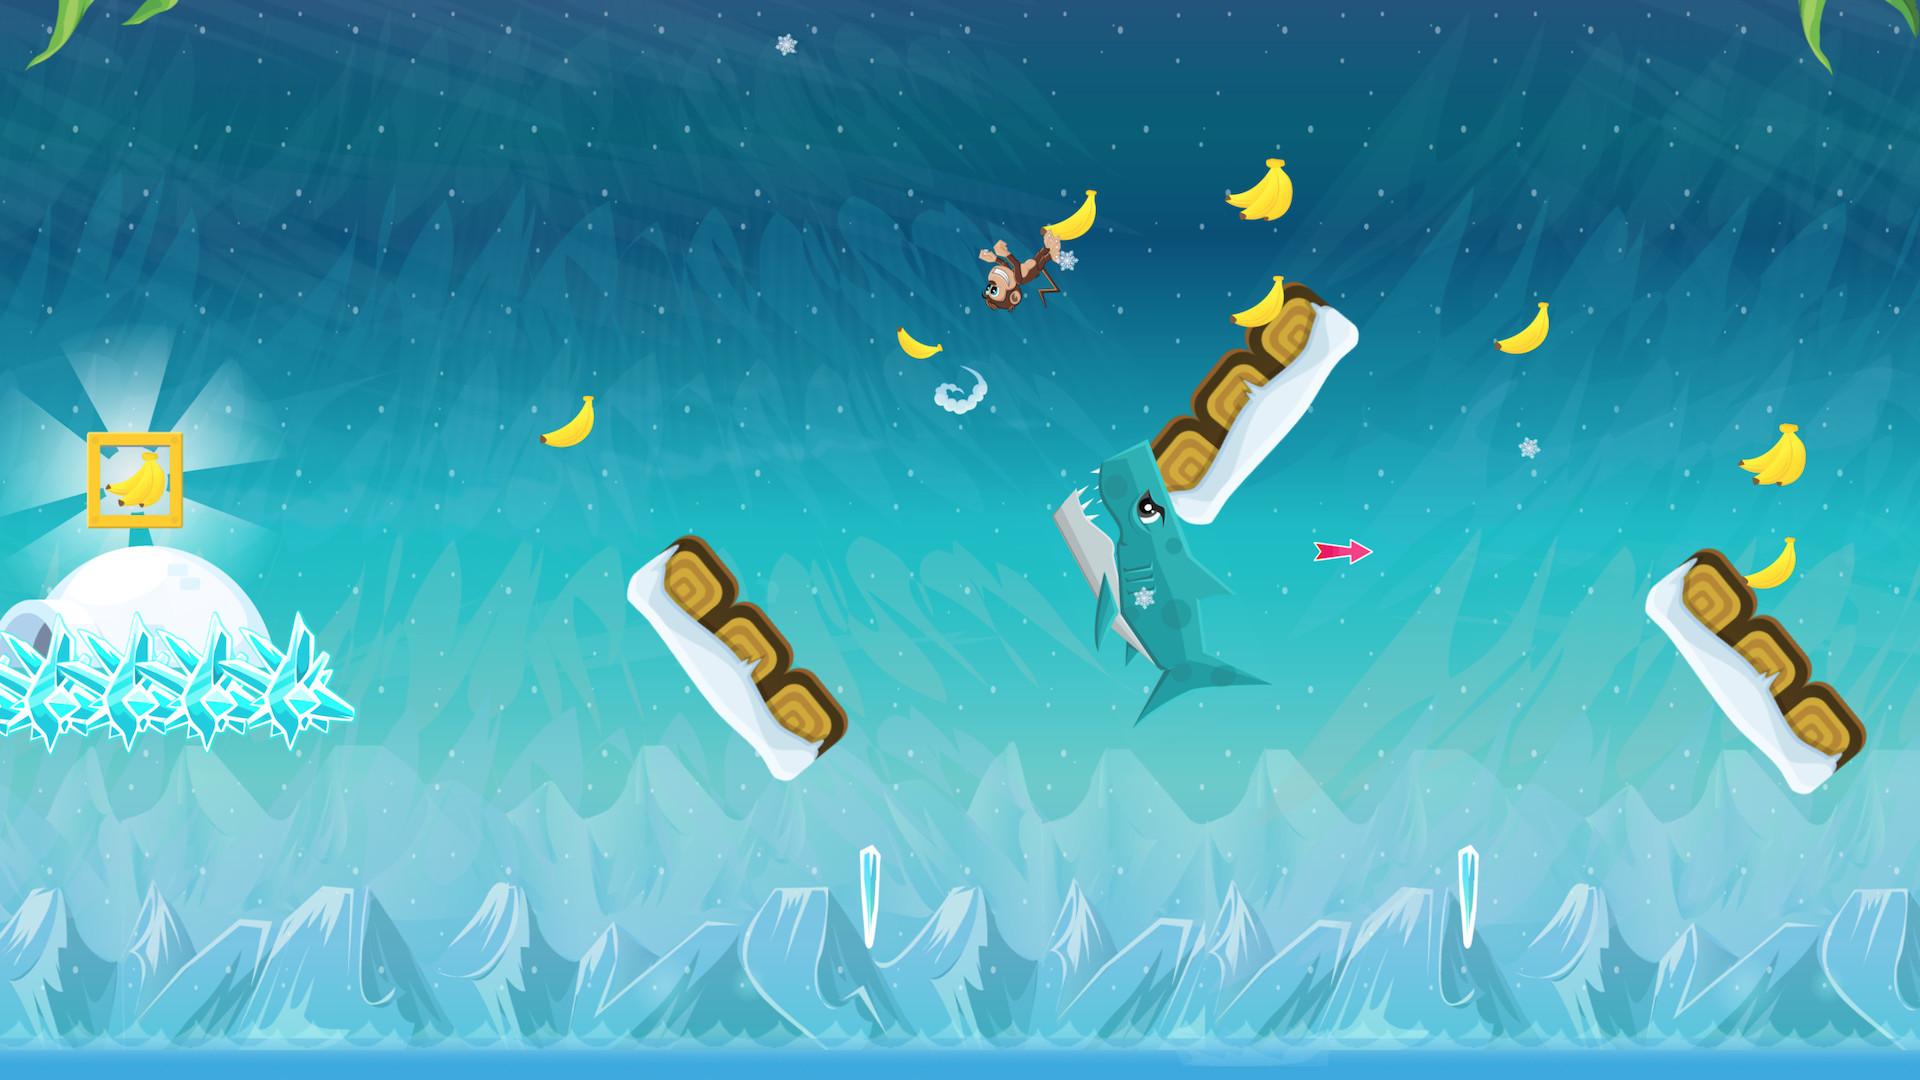 赞戈的鲨鱼冒险图片